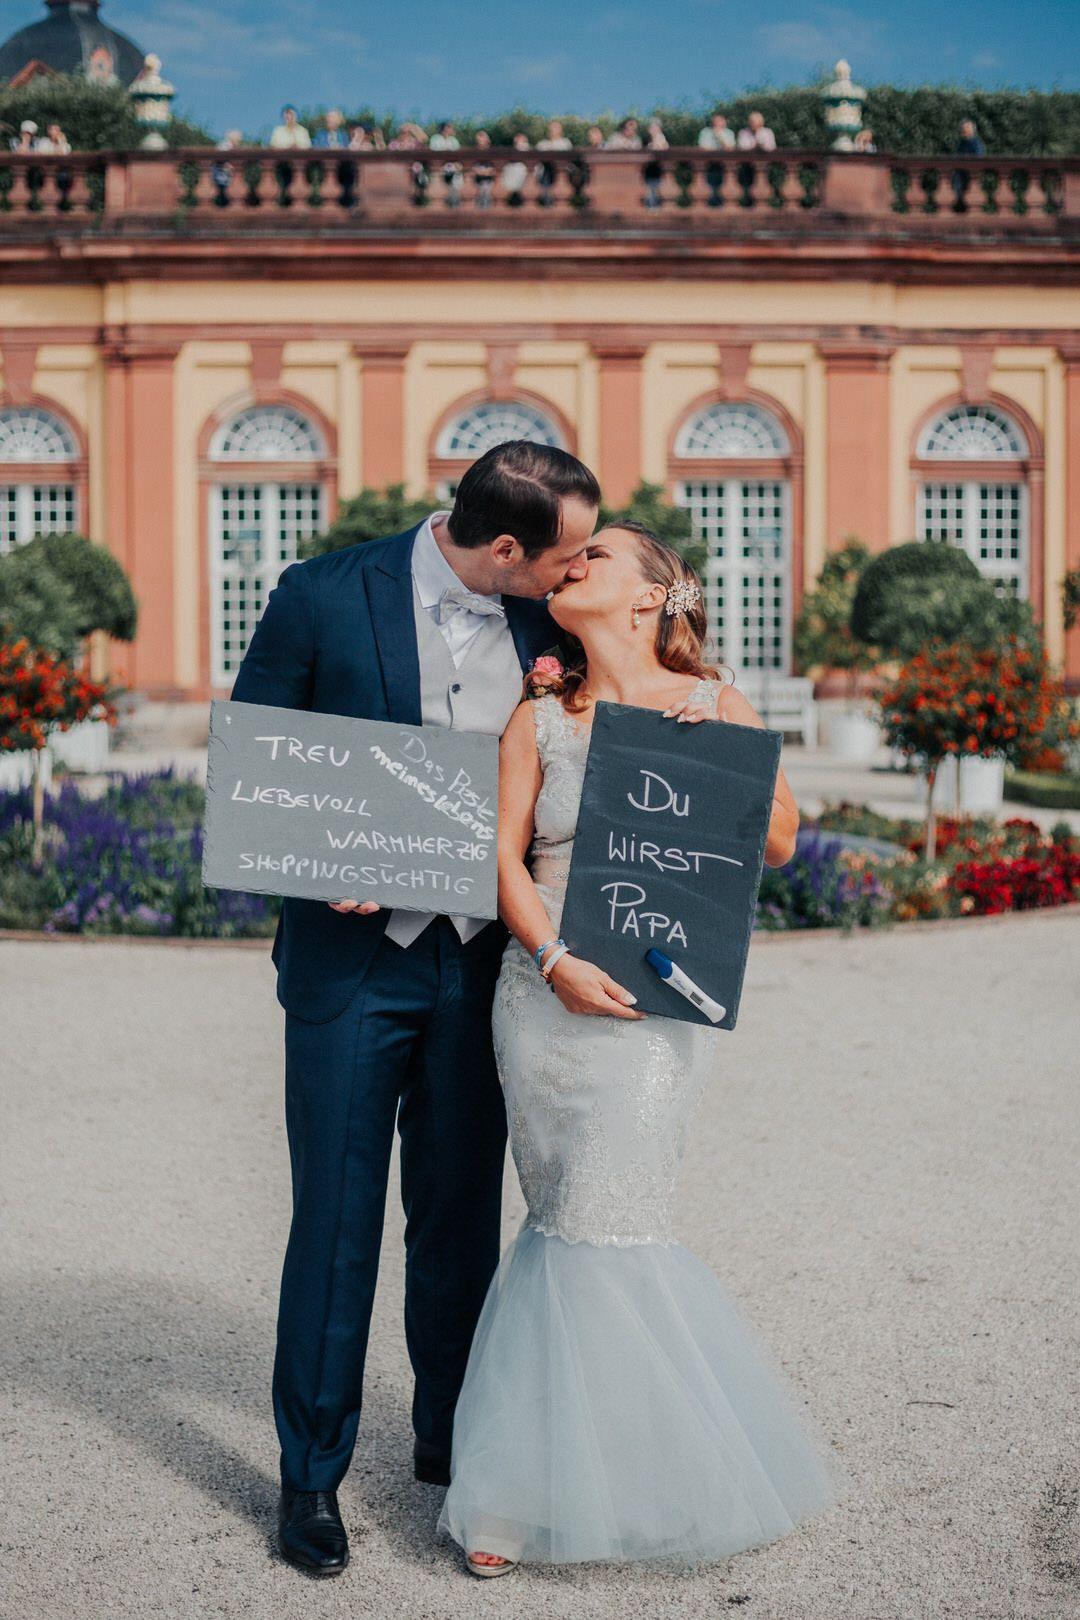 Du Wirst Papa Emotionale Uberraschung Wahrend Des Hochzeitsshootings Jonathan Deis Hochzeitsfotograf F Hochzeitsfotograf Hochzeitsfoto Idee Hochzeit Bilder